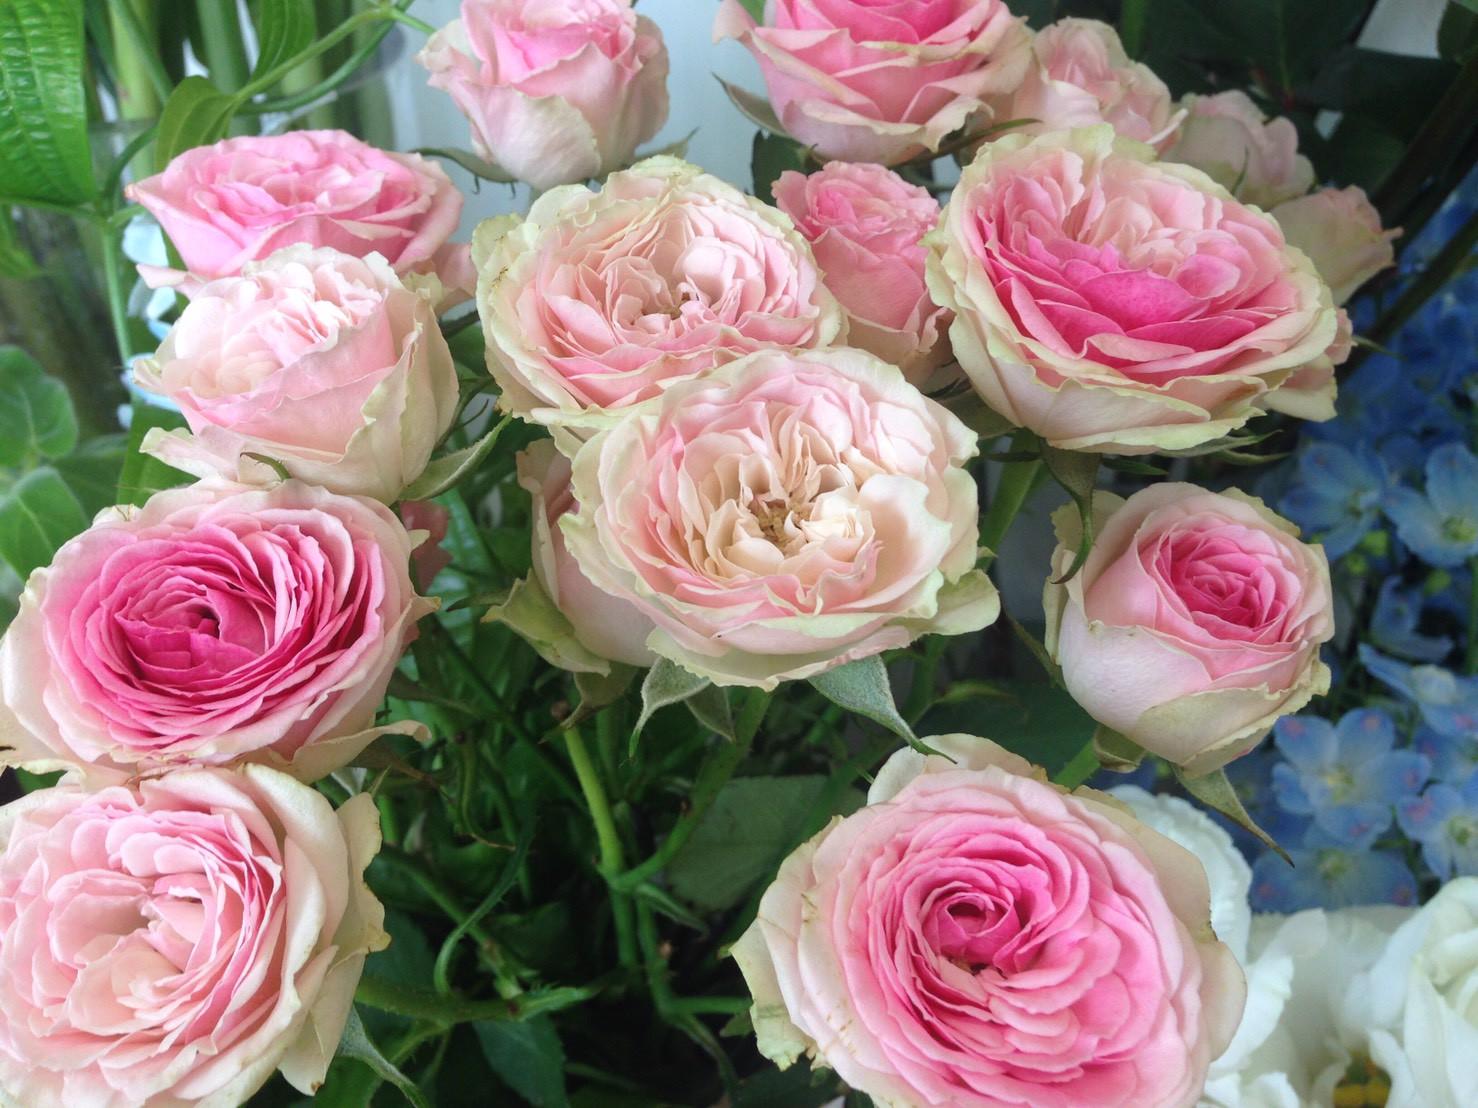 新商品のお知らせ。埼玉県のお花屋さん店長。